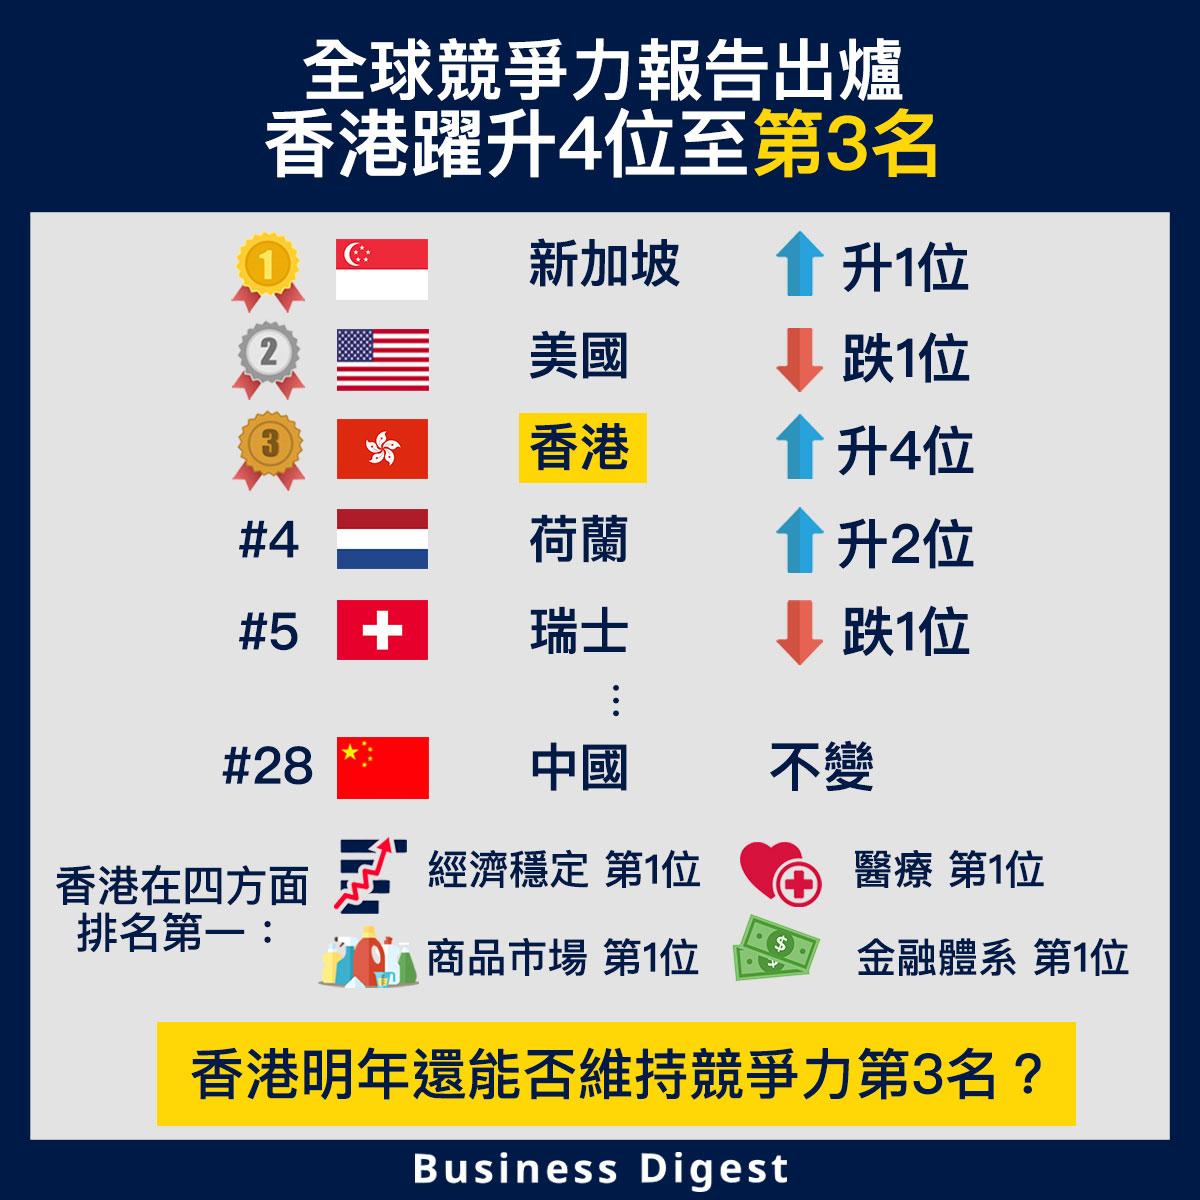 【商業熱話】全球競爭力報告出爐,香港躍升4位至第3名